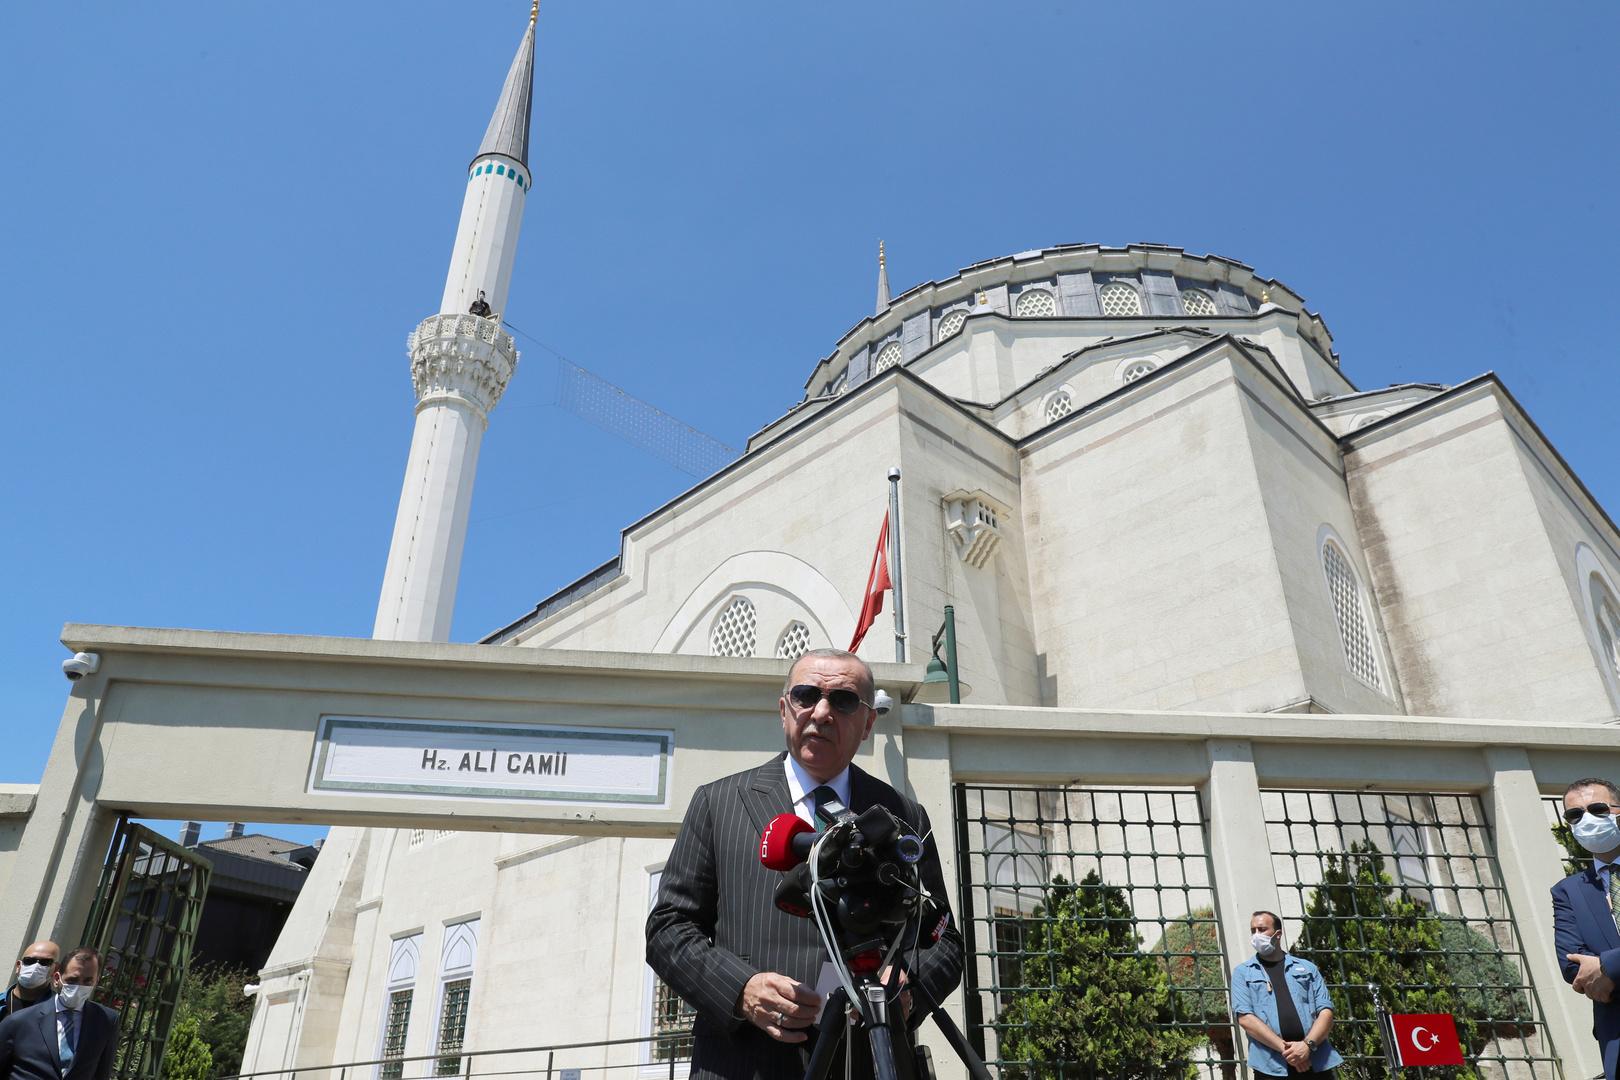 أردوغان: لا نستغرب إذا ما نادوا لاحقا بتحويل الكعبة أو الأقصى إلى متحف